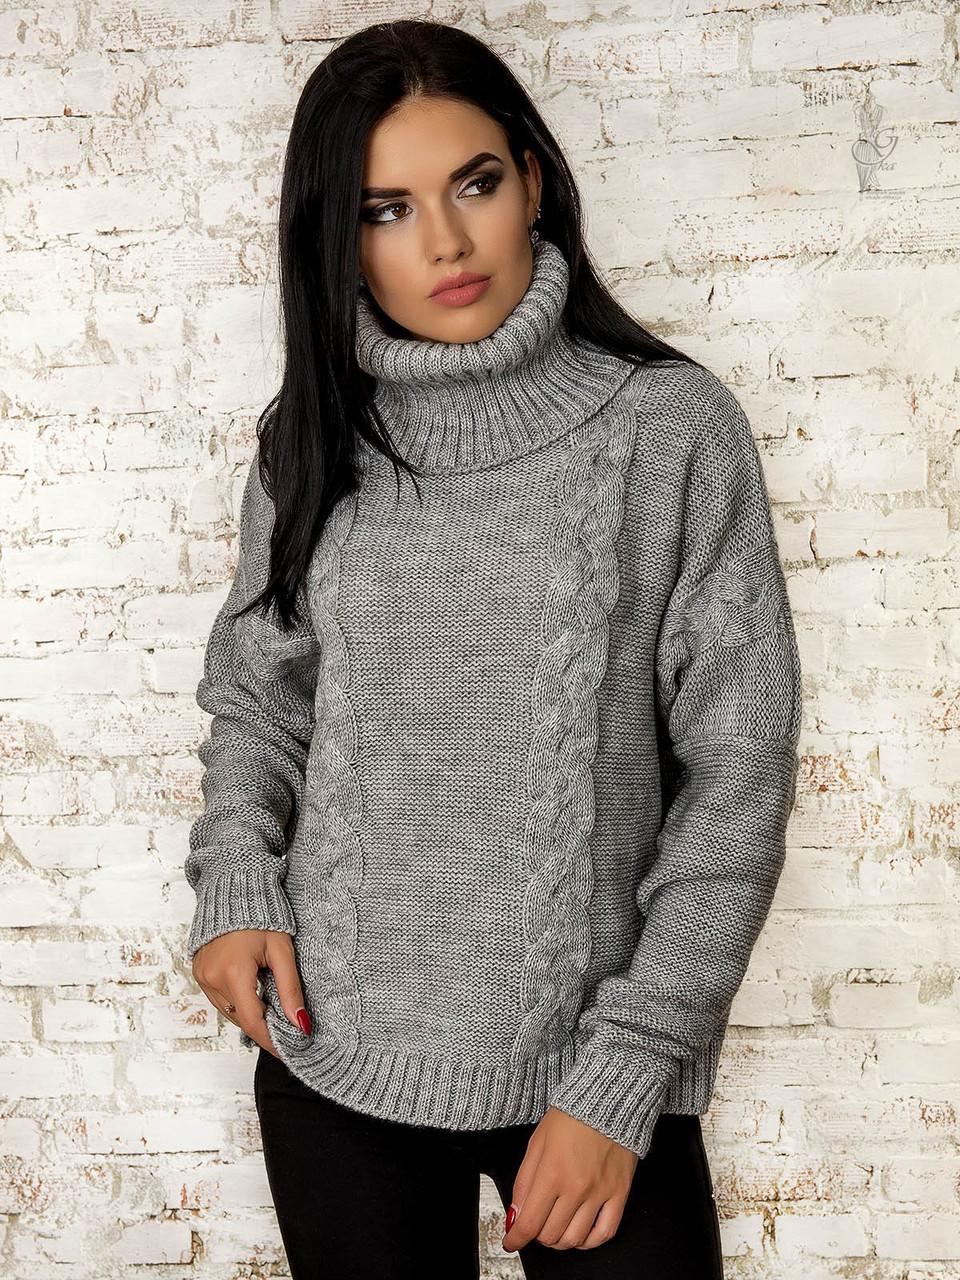 Женский свитер оверсайз Паола-5 из шерсти и акрила